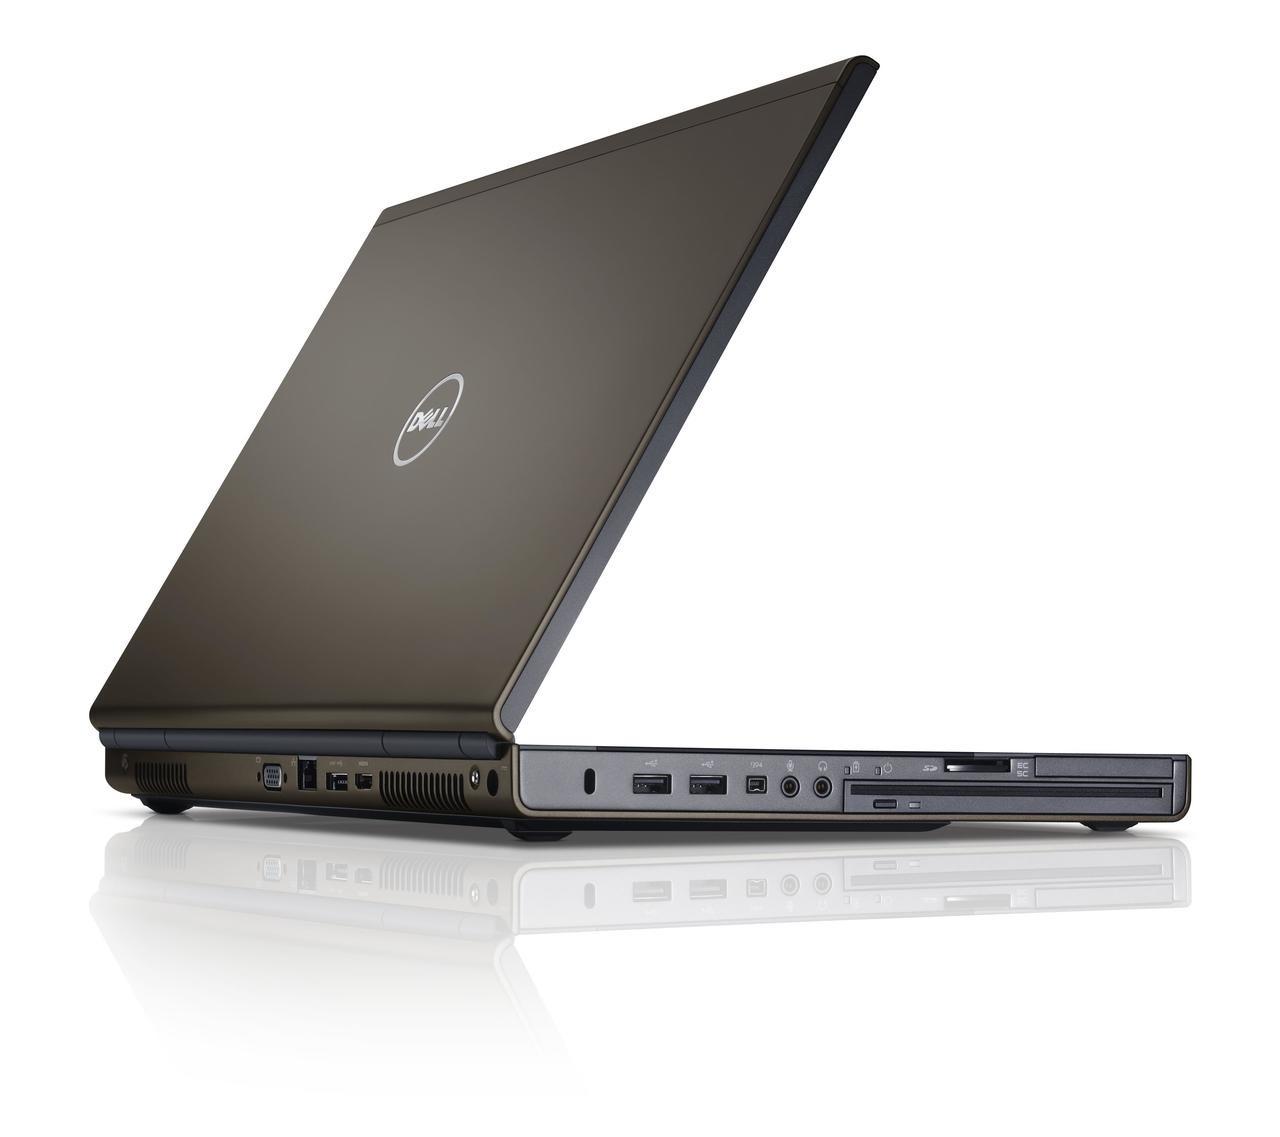 Dell Precision M4600 - Side Rear View